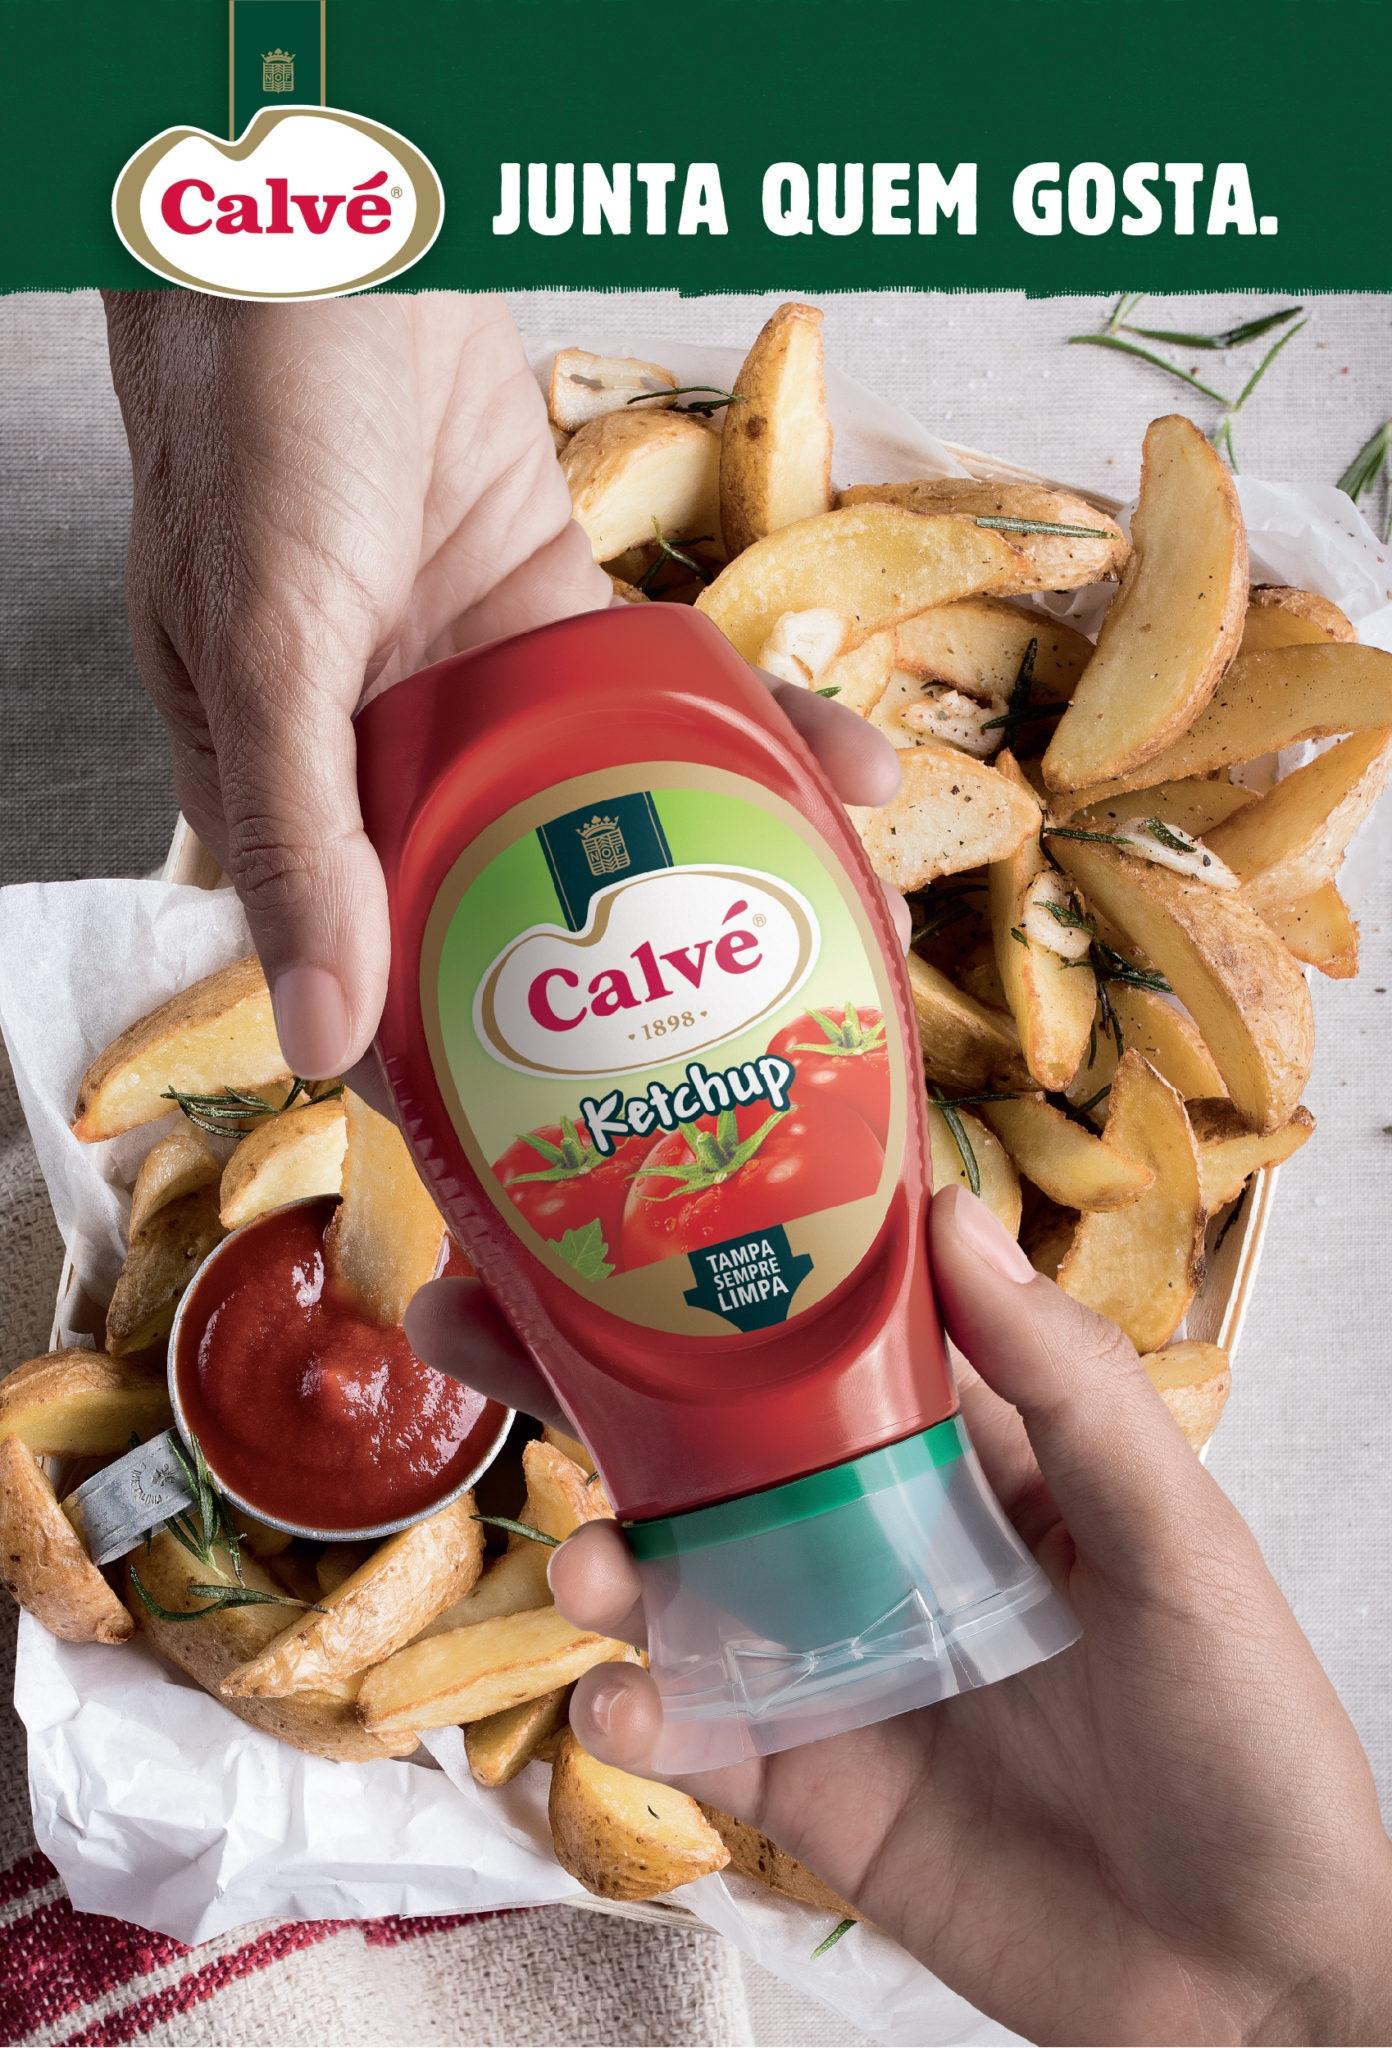 2_Calve Mupi Ketchup